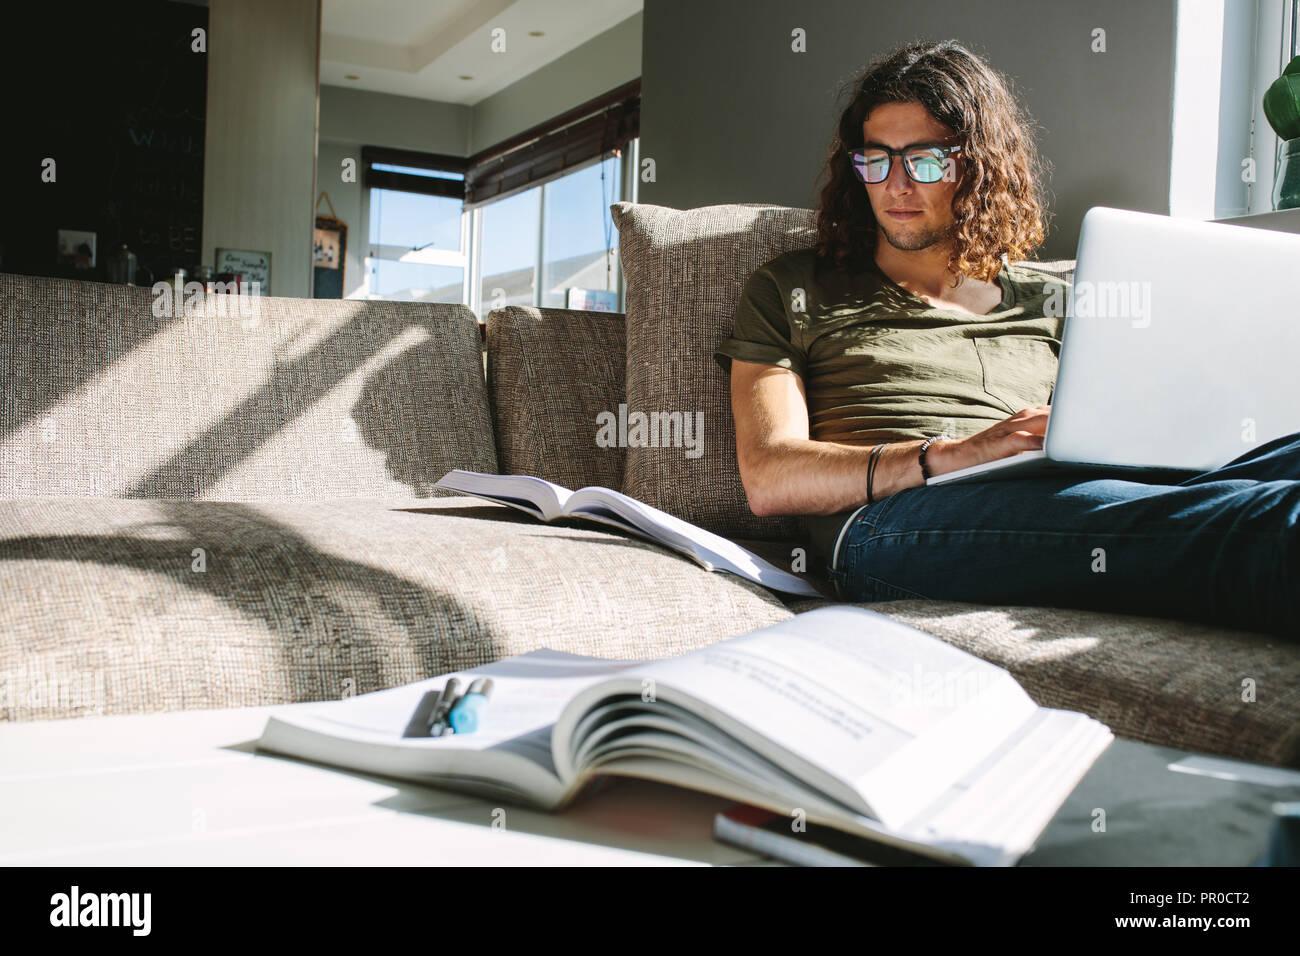 Junge Menschen studieren für Prüfungen auf der Couch zu Hause sitzen und das Sonnenlicht in Fenster. Student studieren für Untersuchung auf Laptop mit Bücher vor. Stockbild